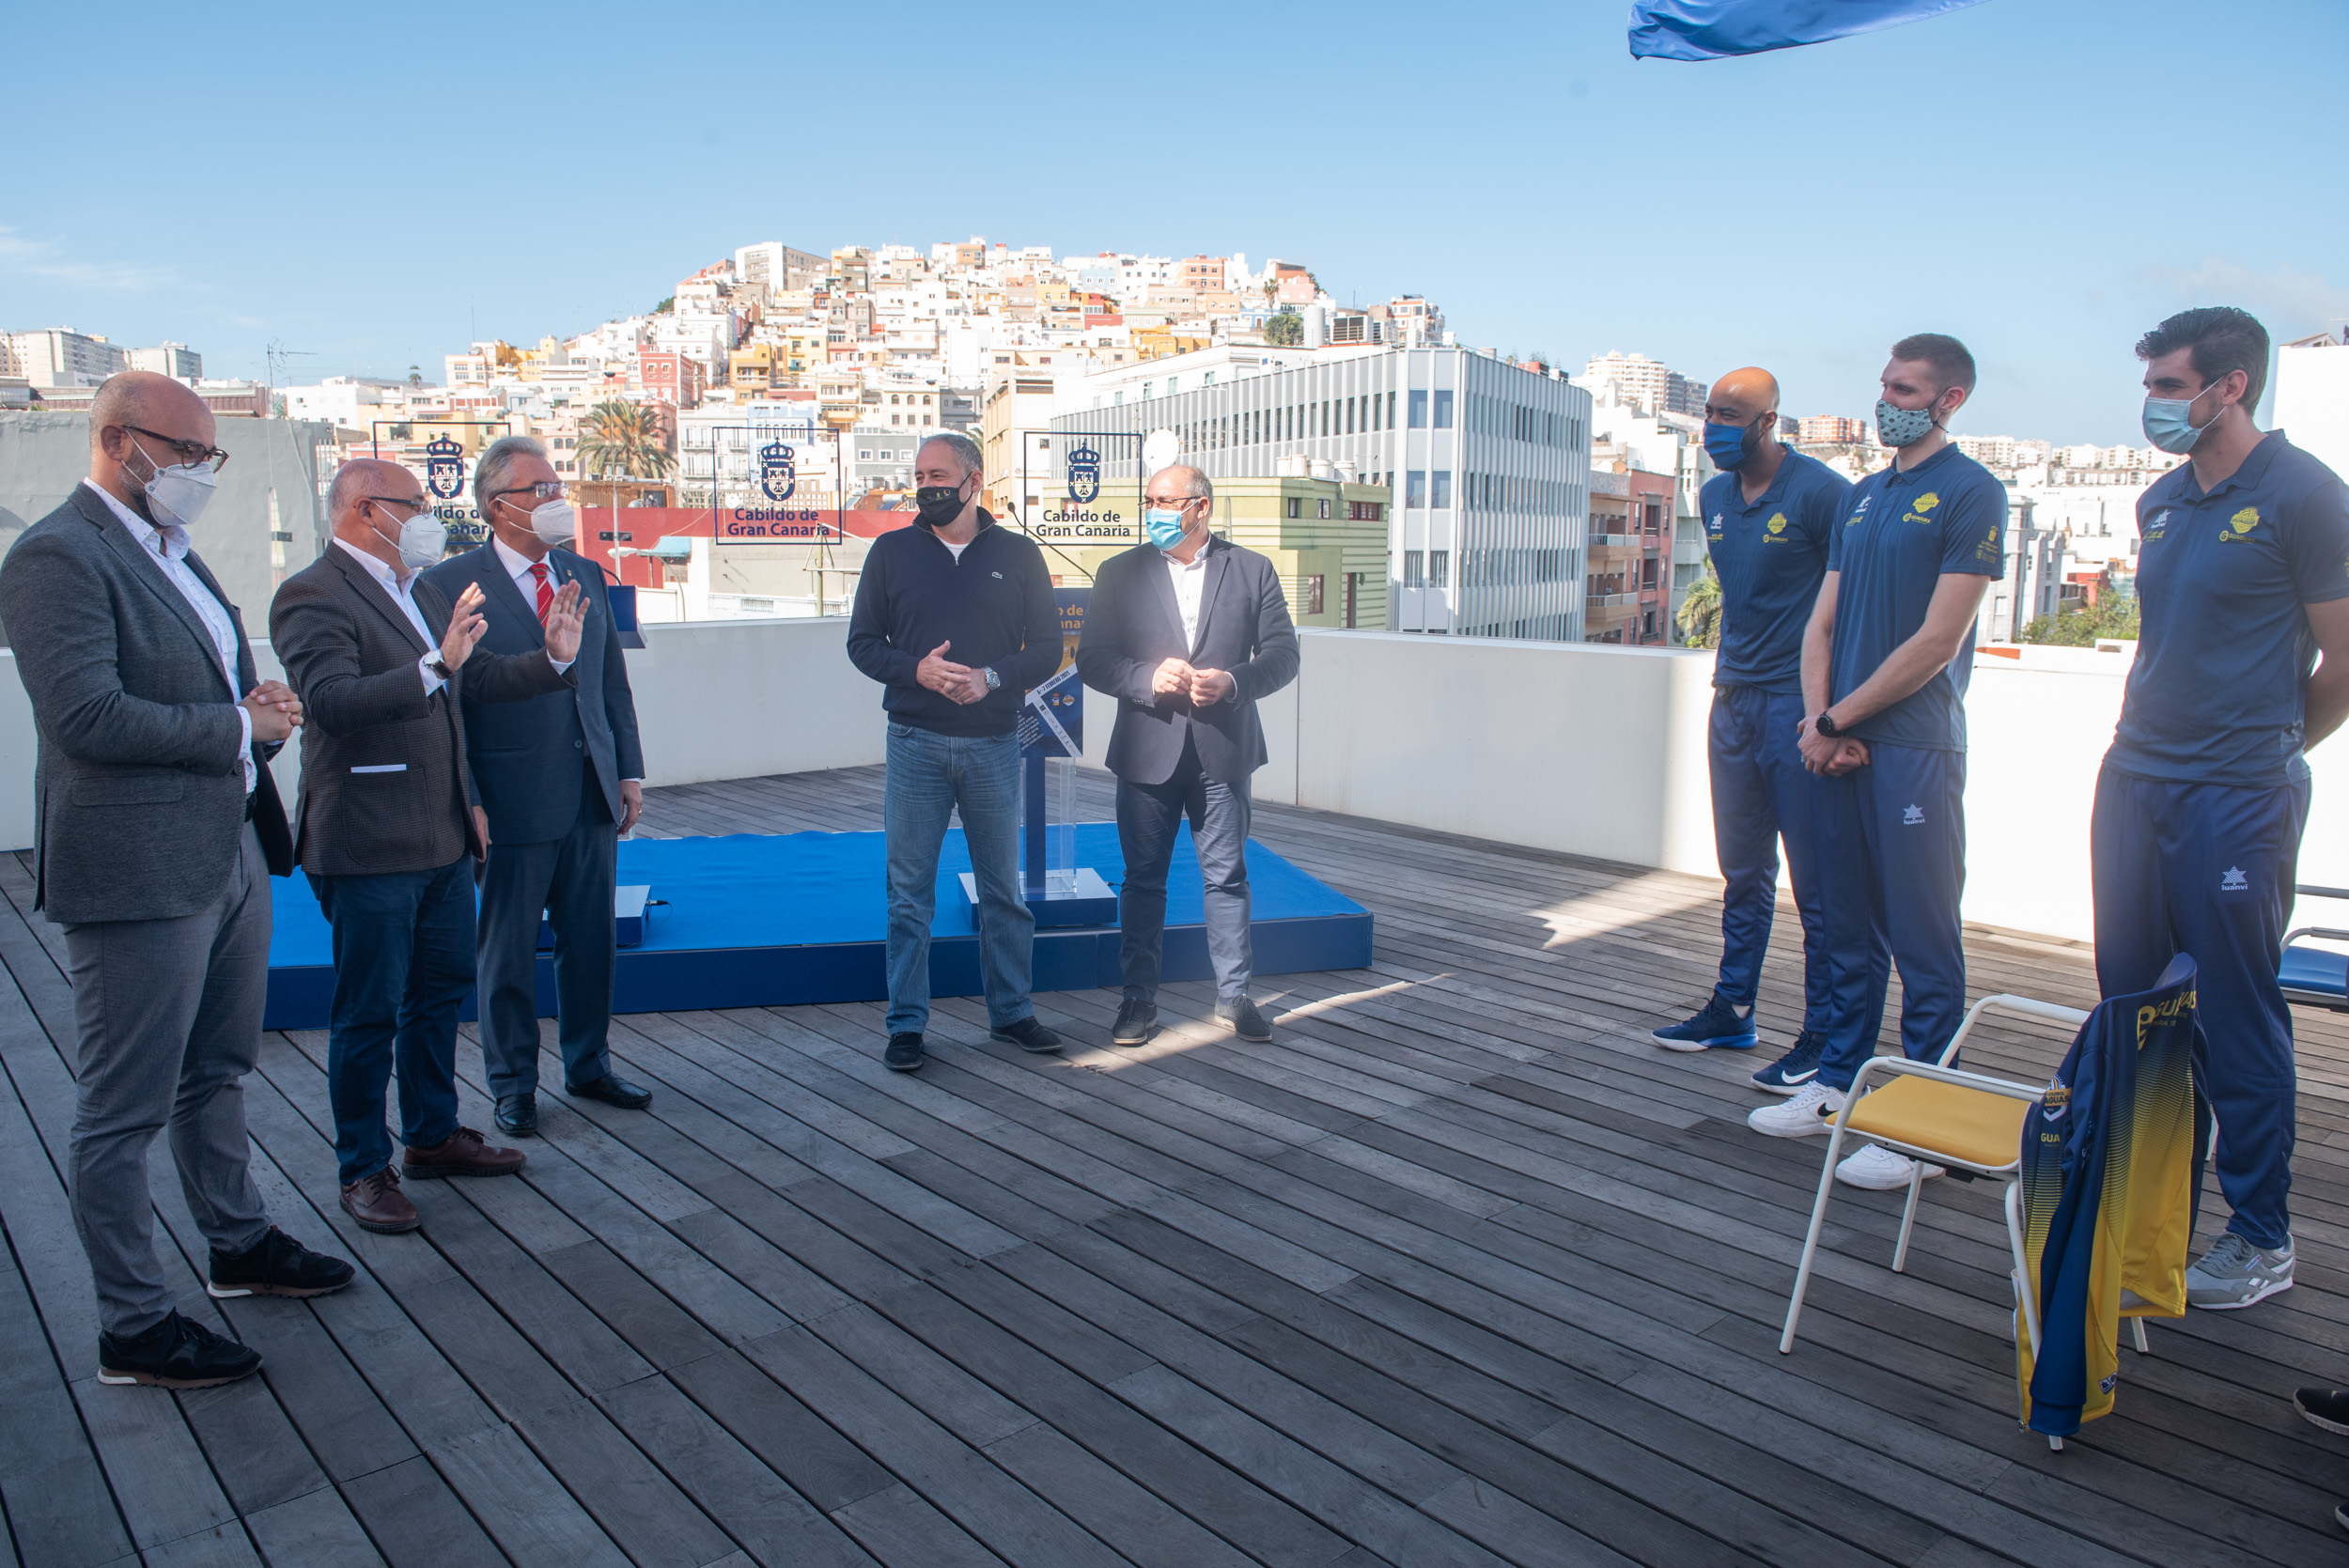 Presentación de la Copa del Rey de Voleibol en Gran Canaria / CanariasNoticias.es